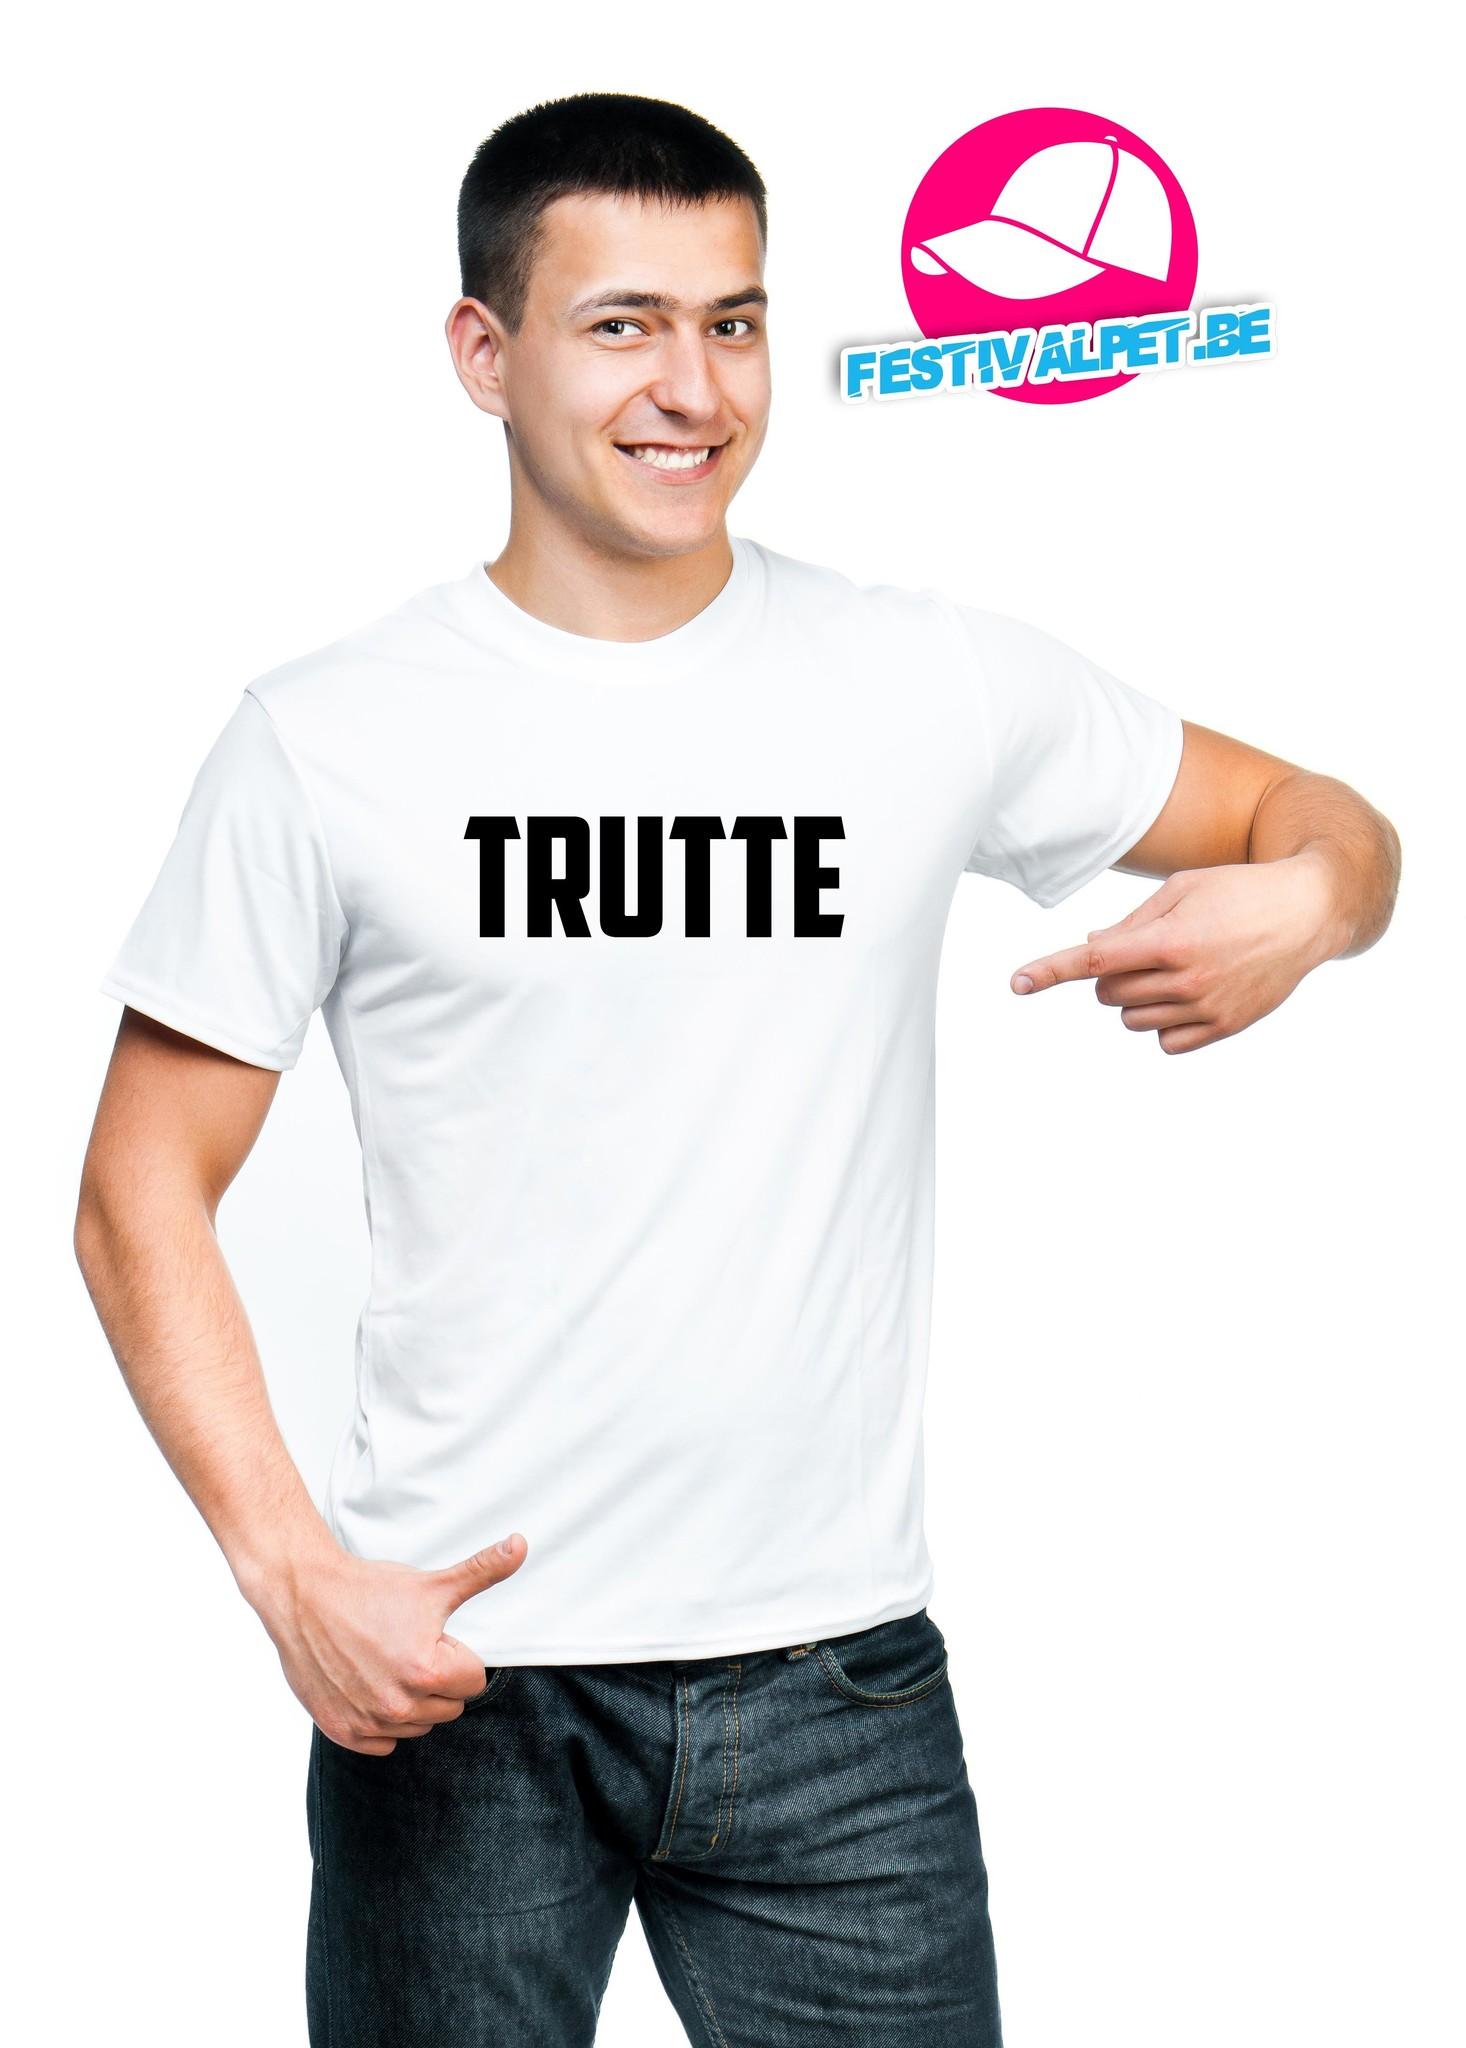 Trutte